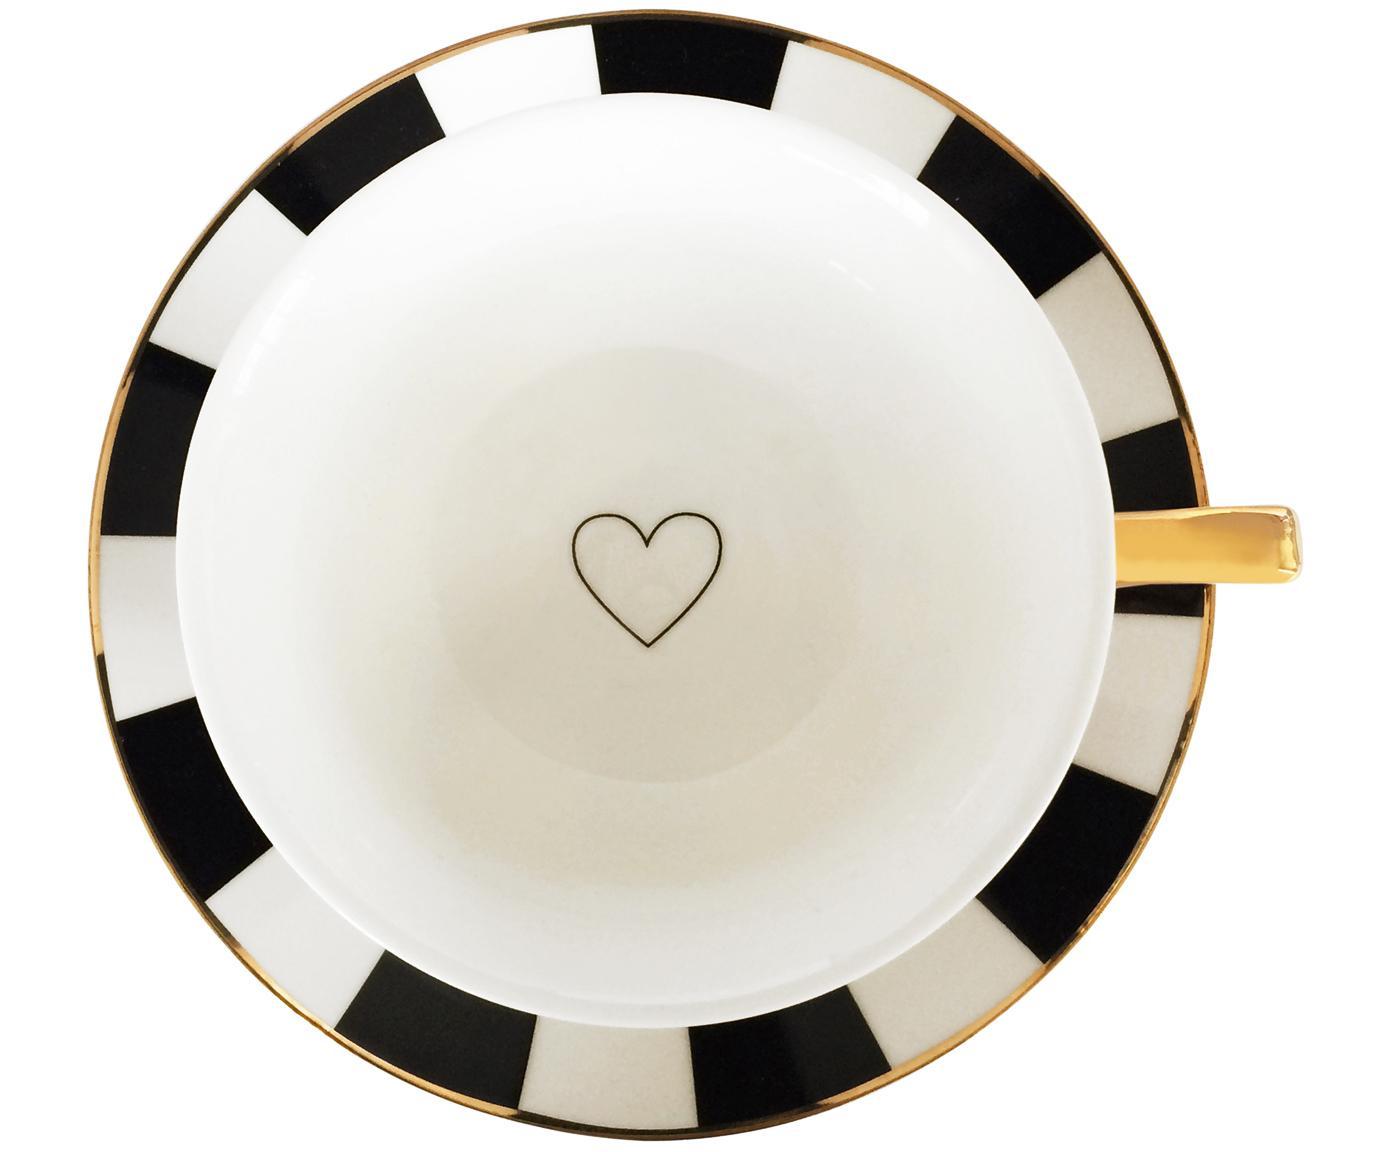 Tasses à thé Stripy, 2élém., Noir, blanc<br>Bord et poignée: or